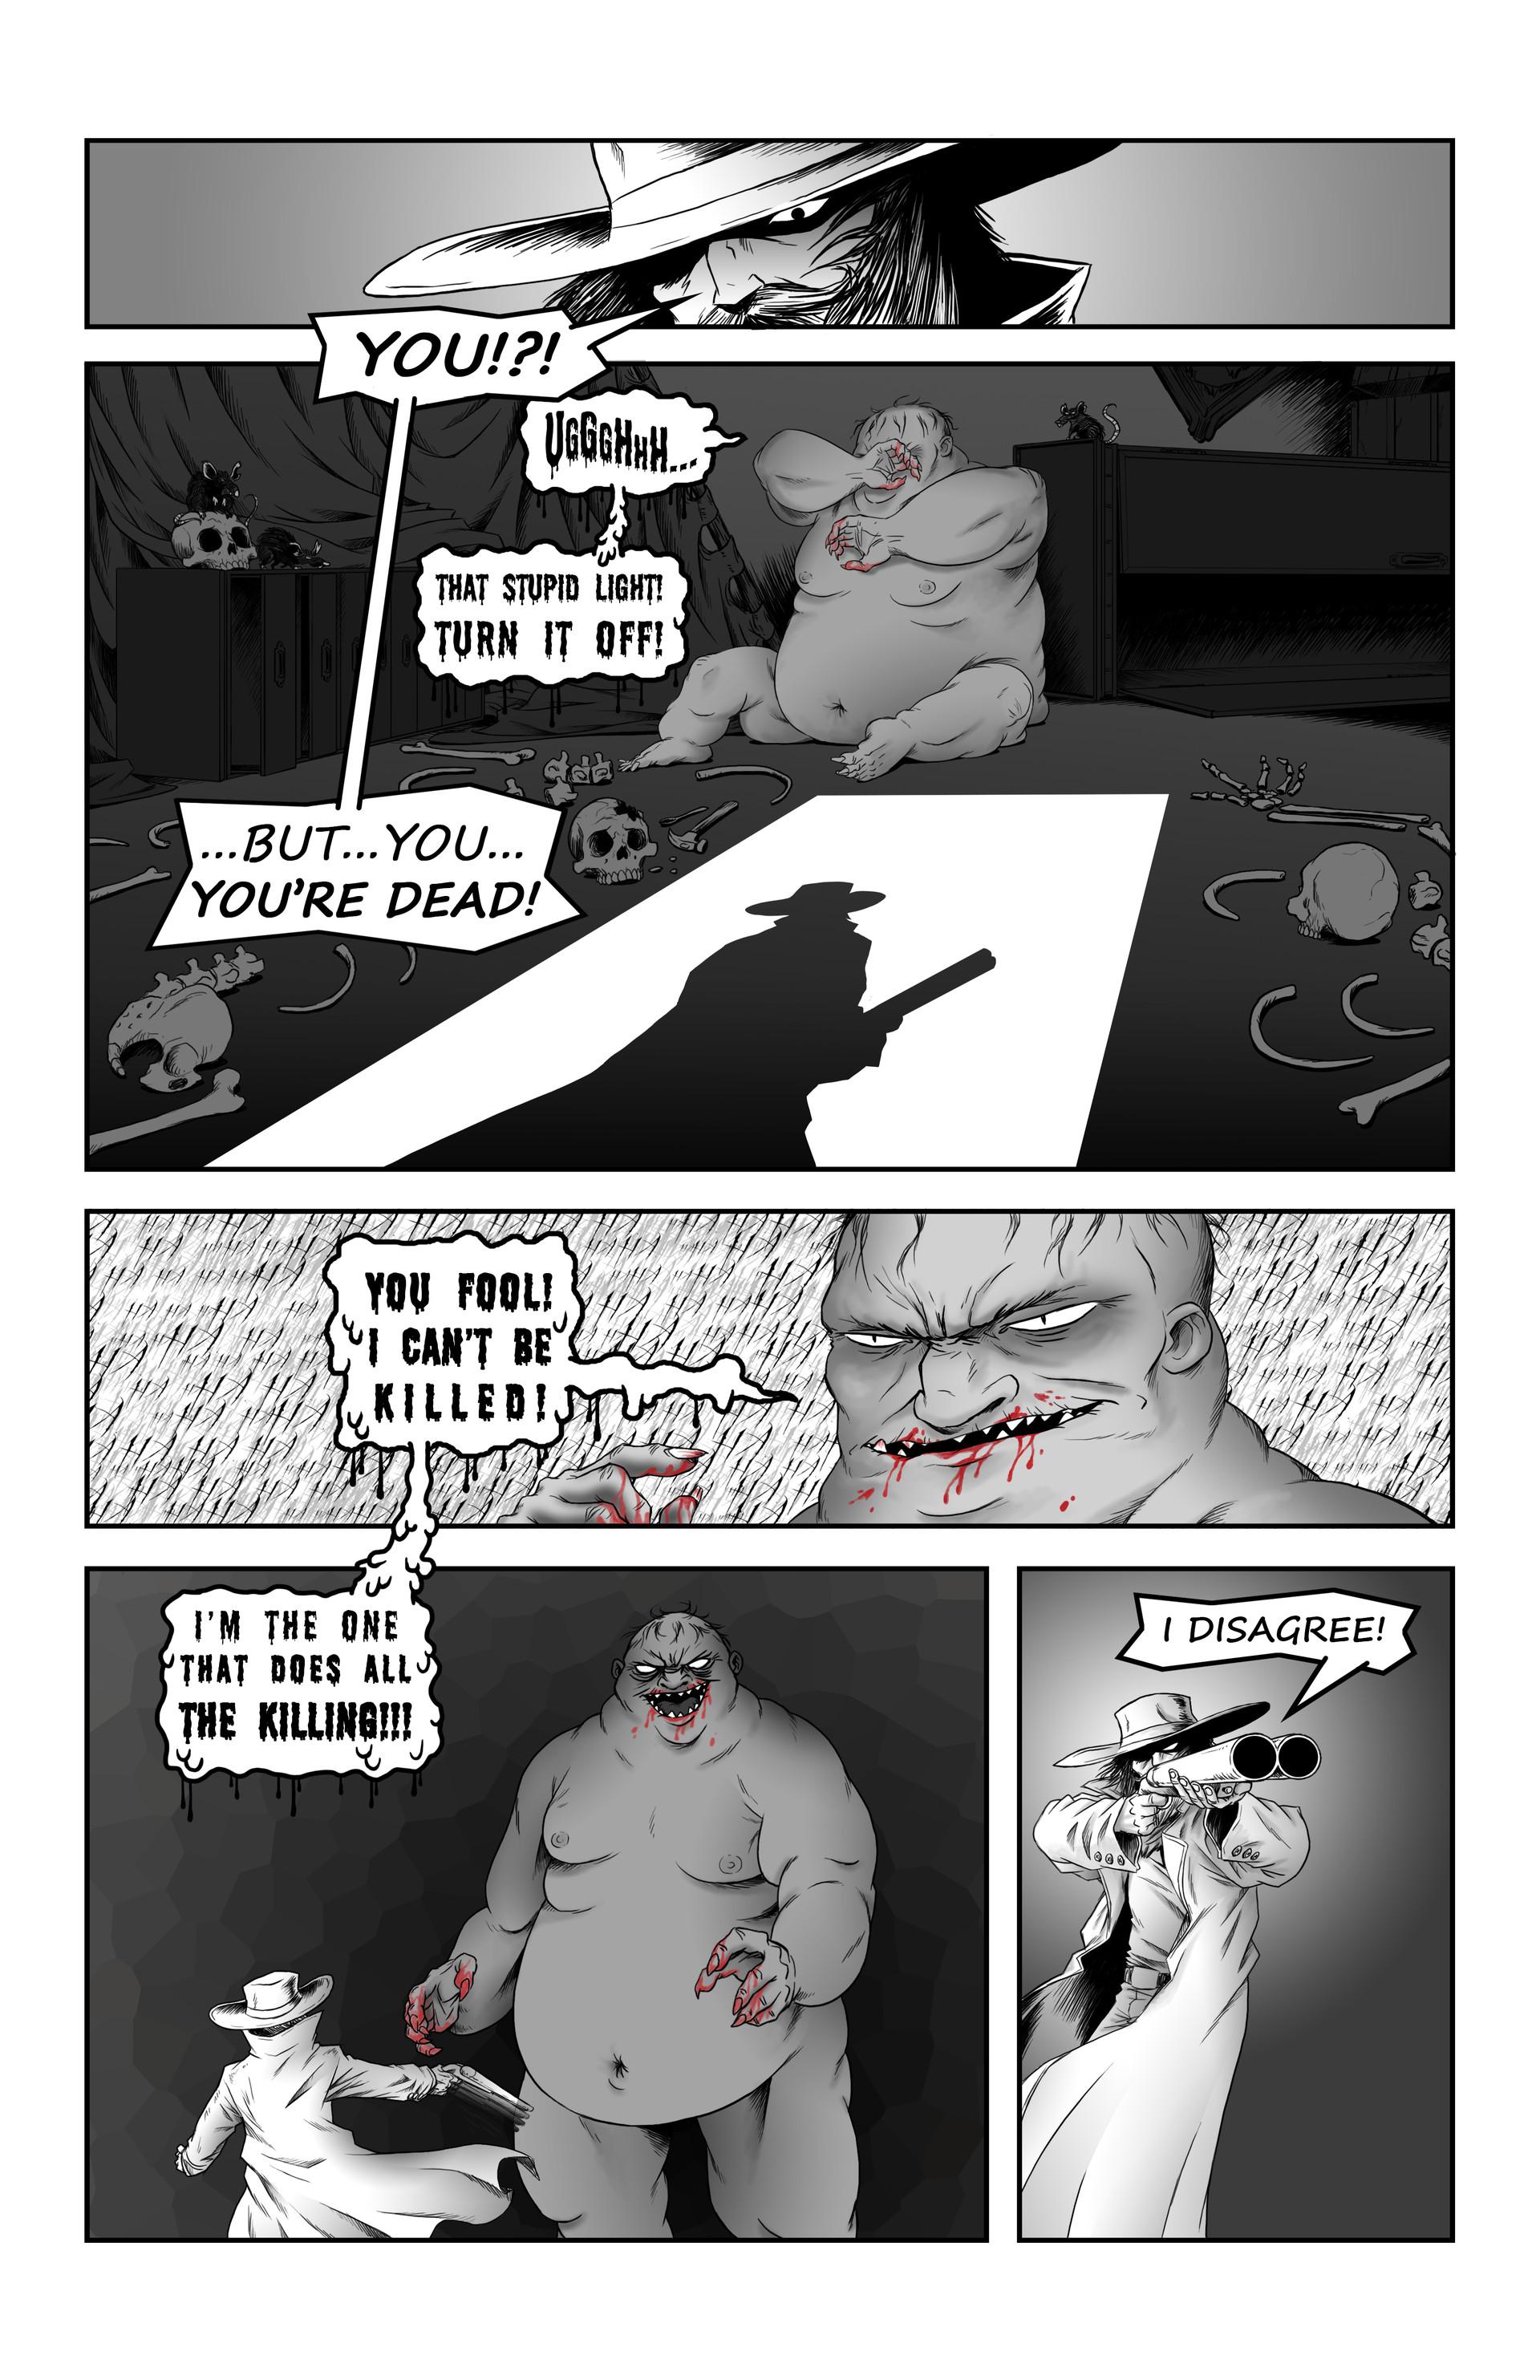 Max haig page 004